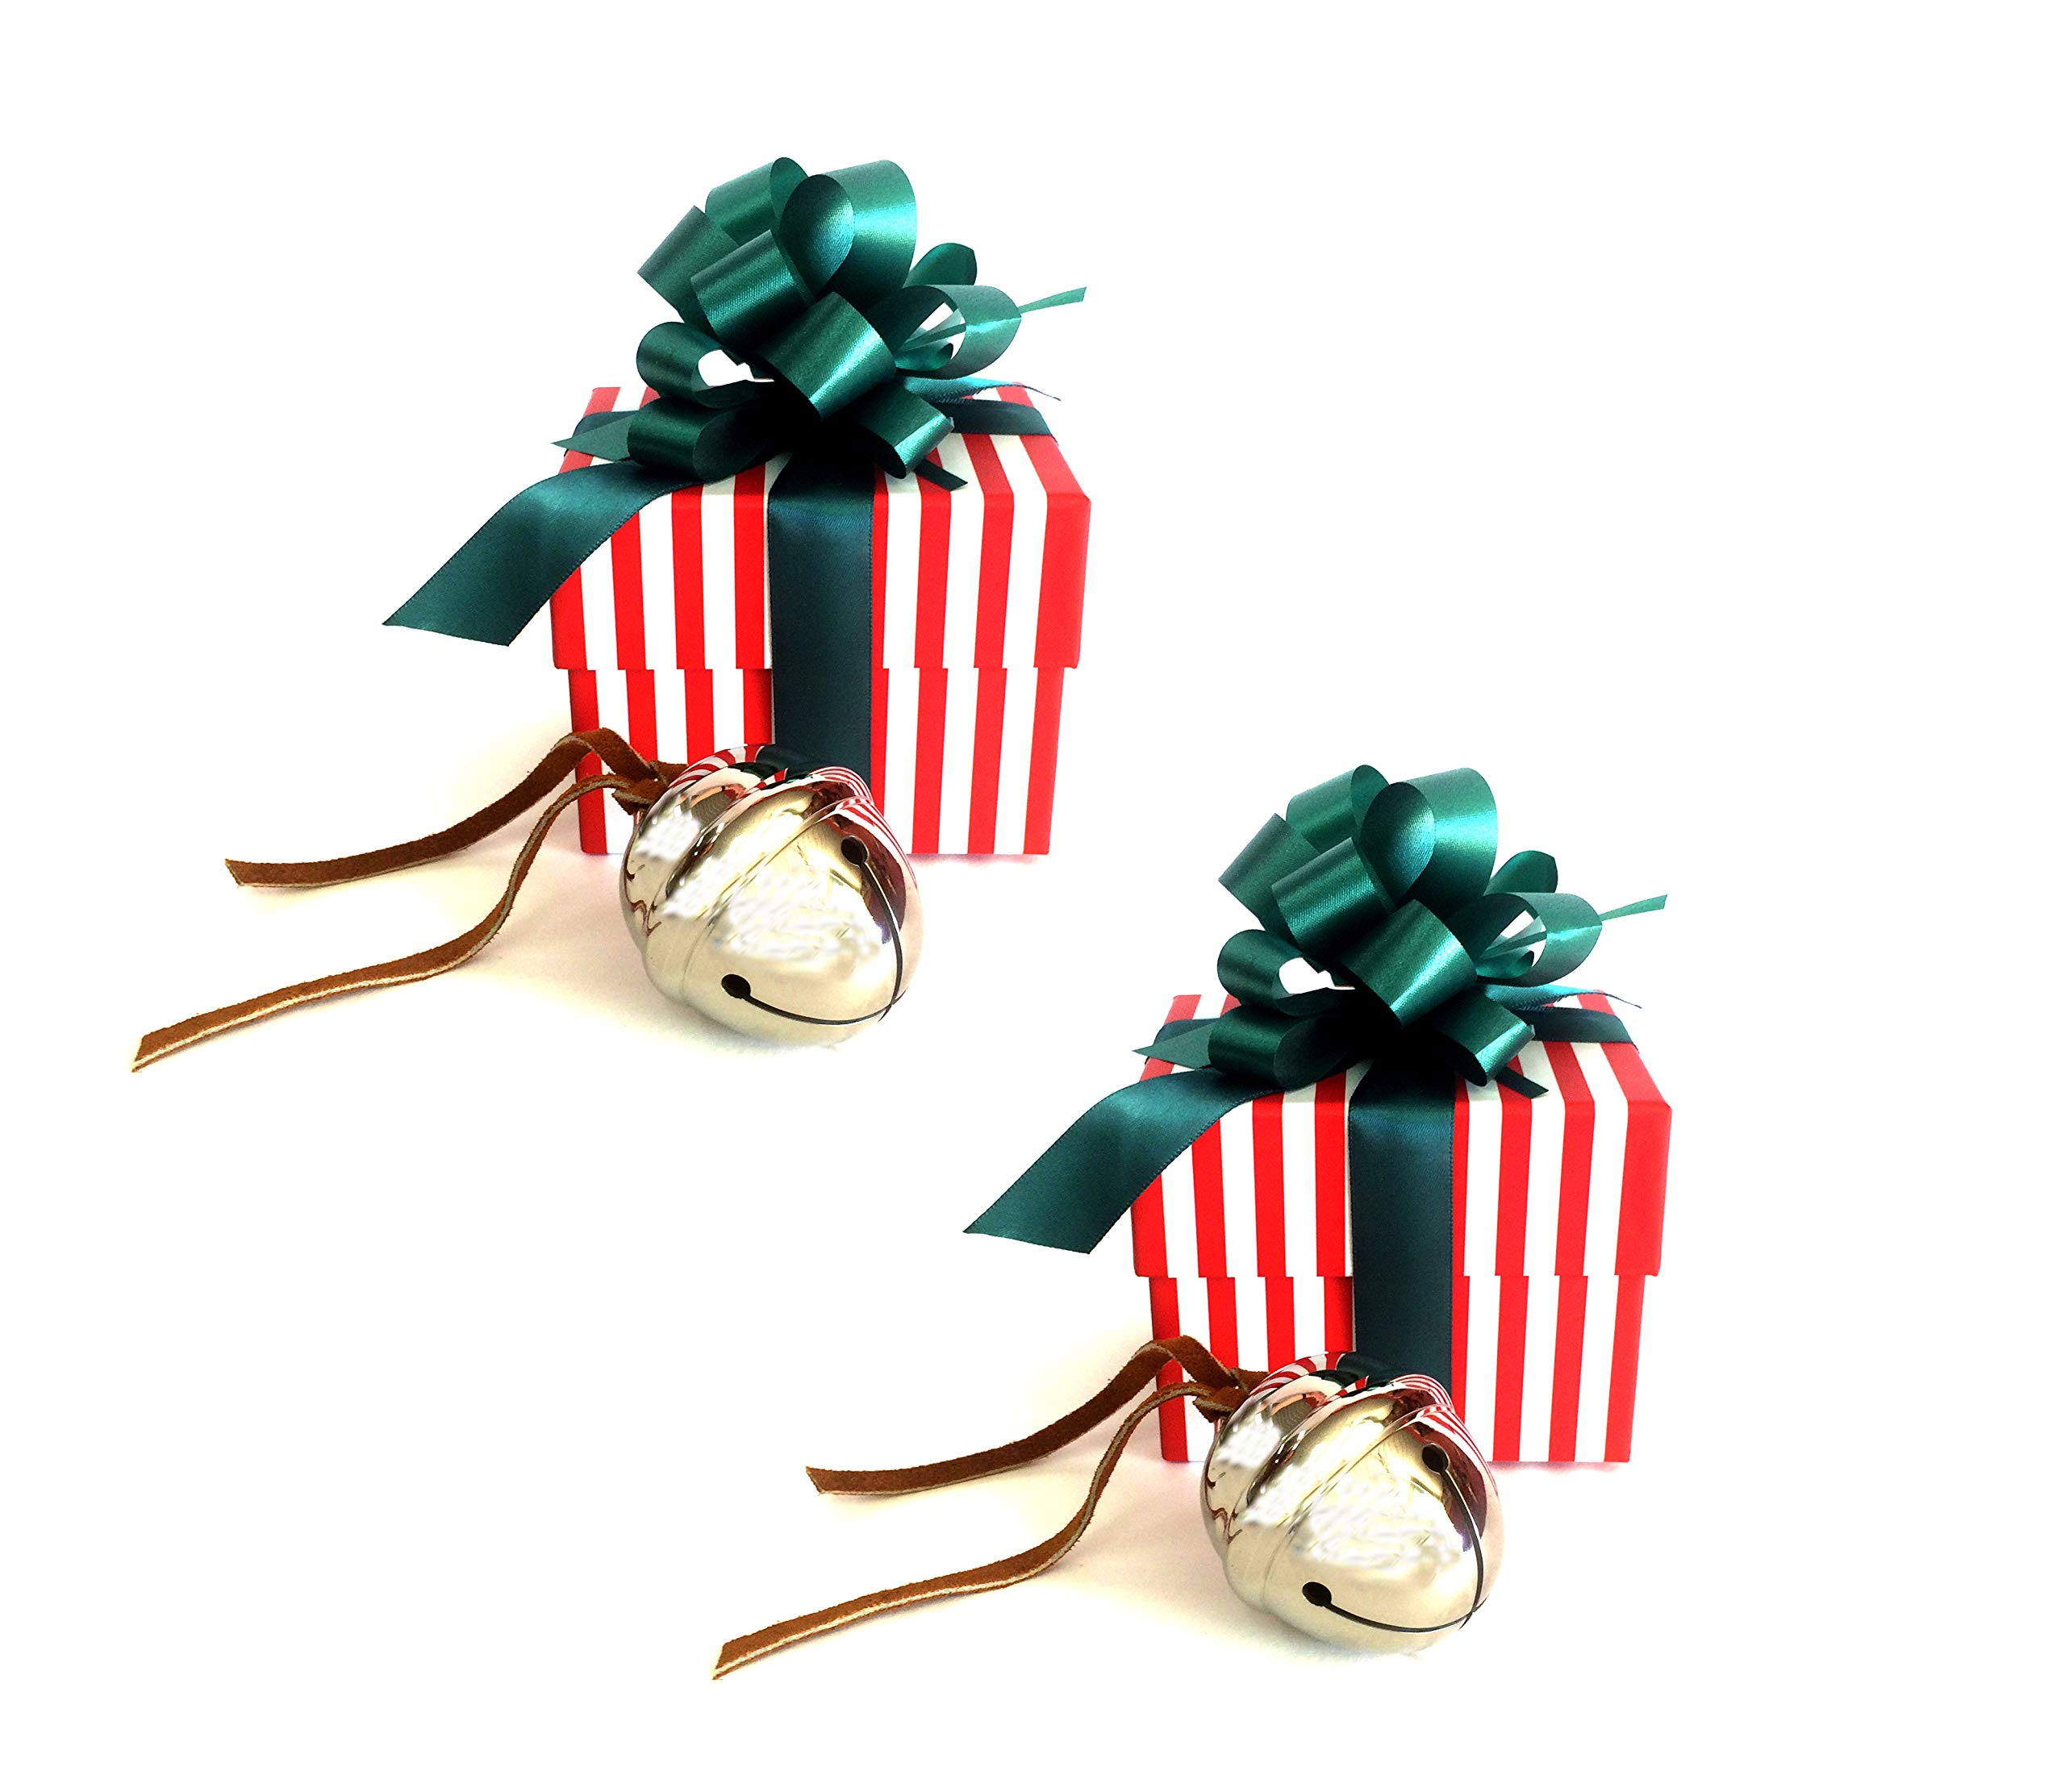 LilyDeal Polar Express Sleigh Bell Gift Set (2 Pack)